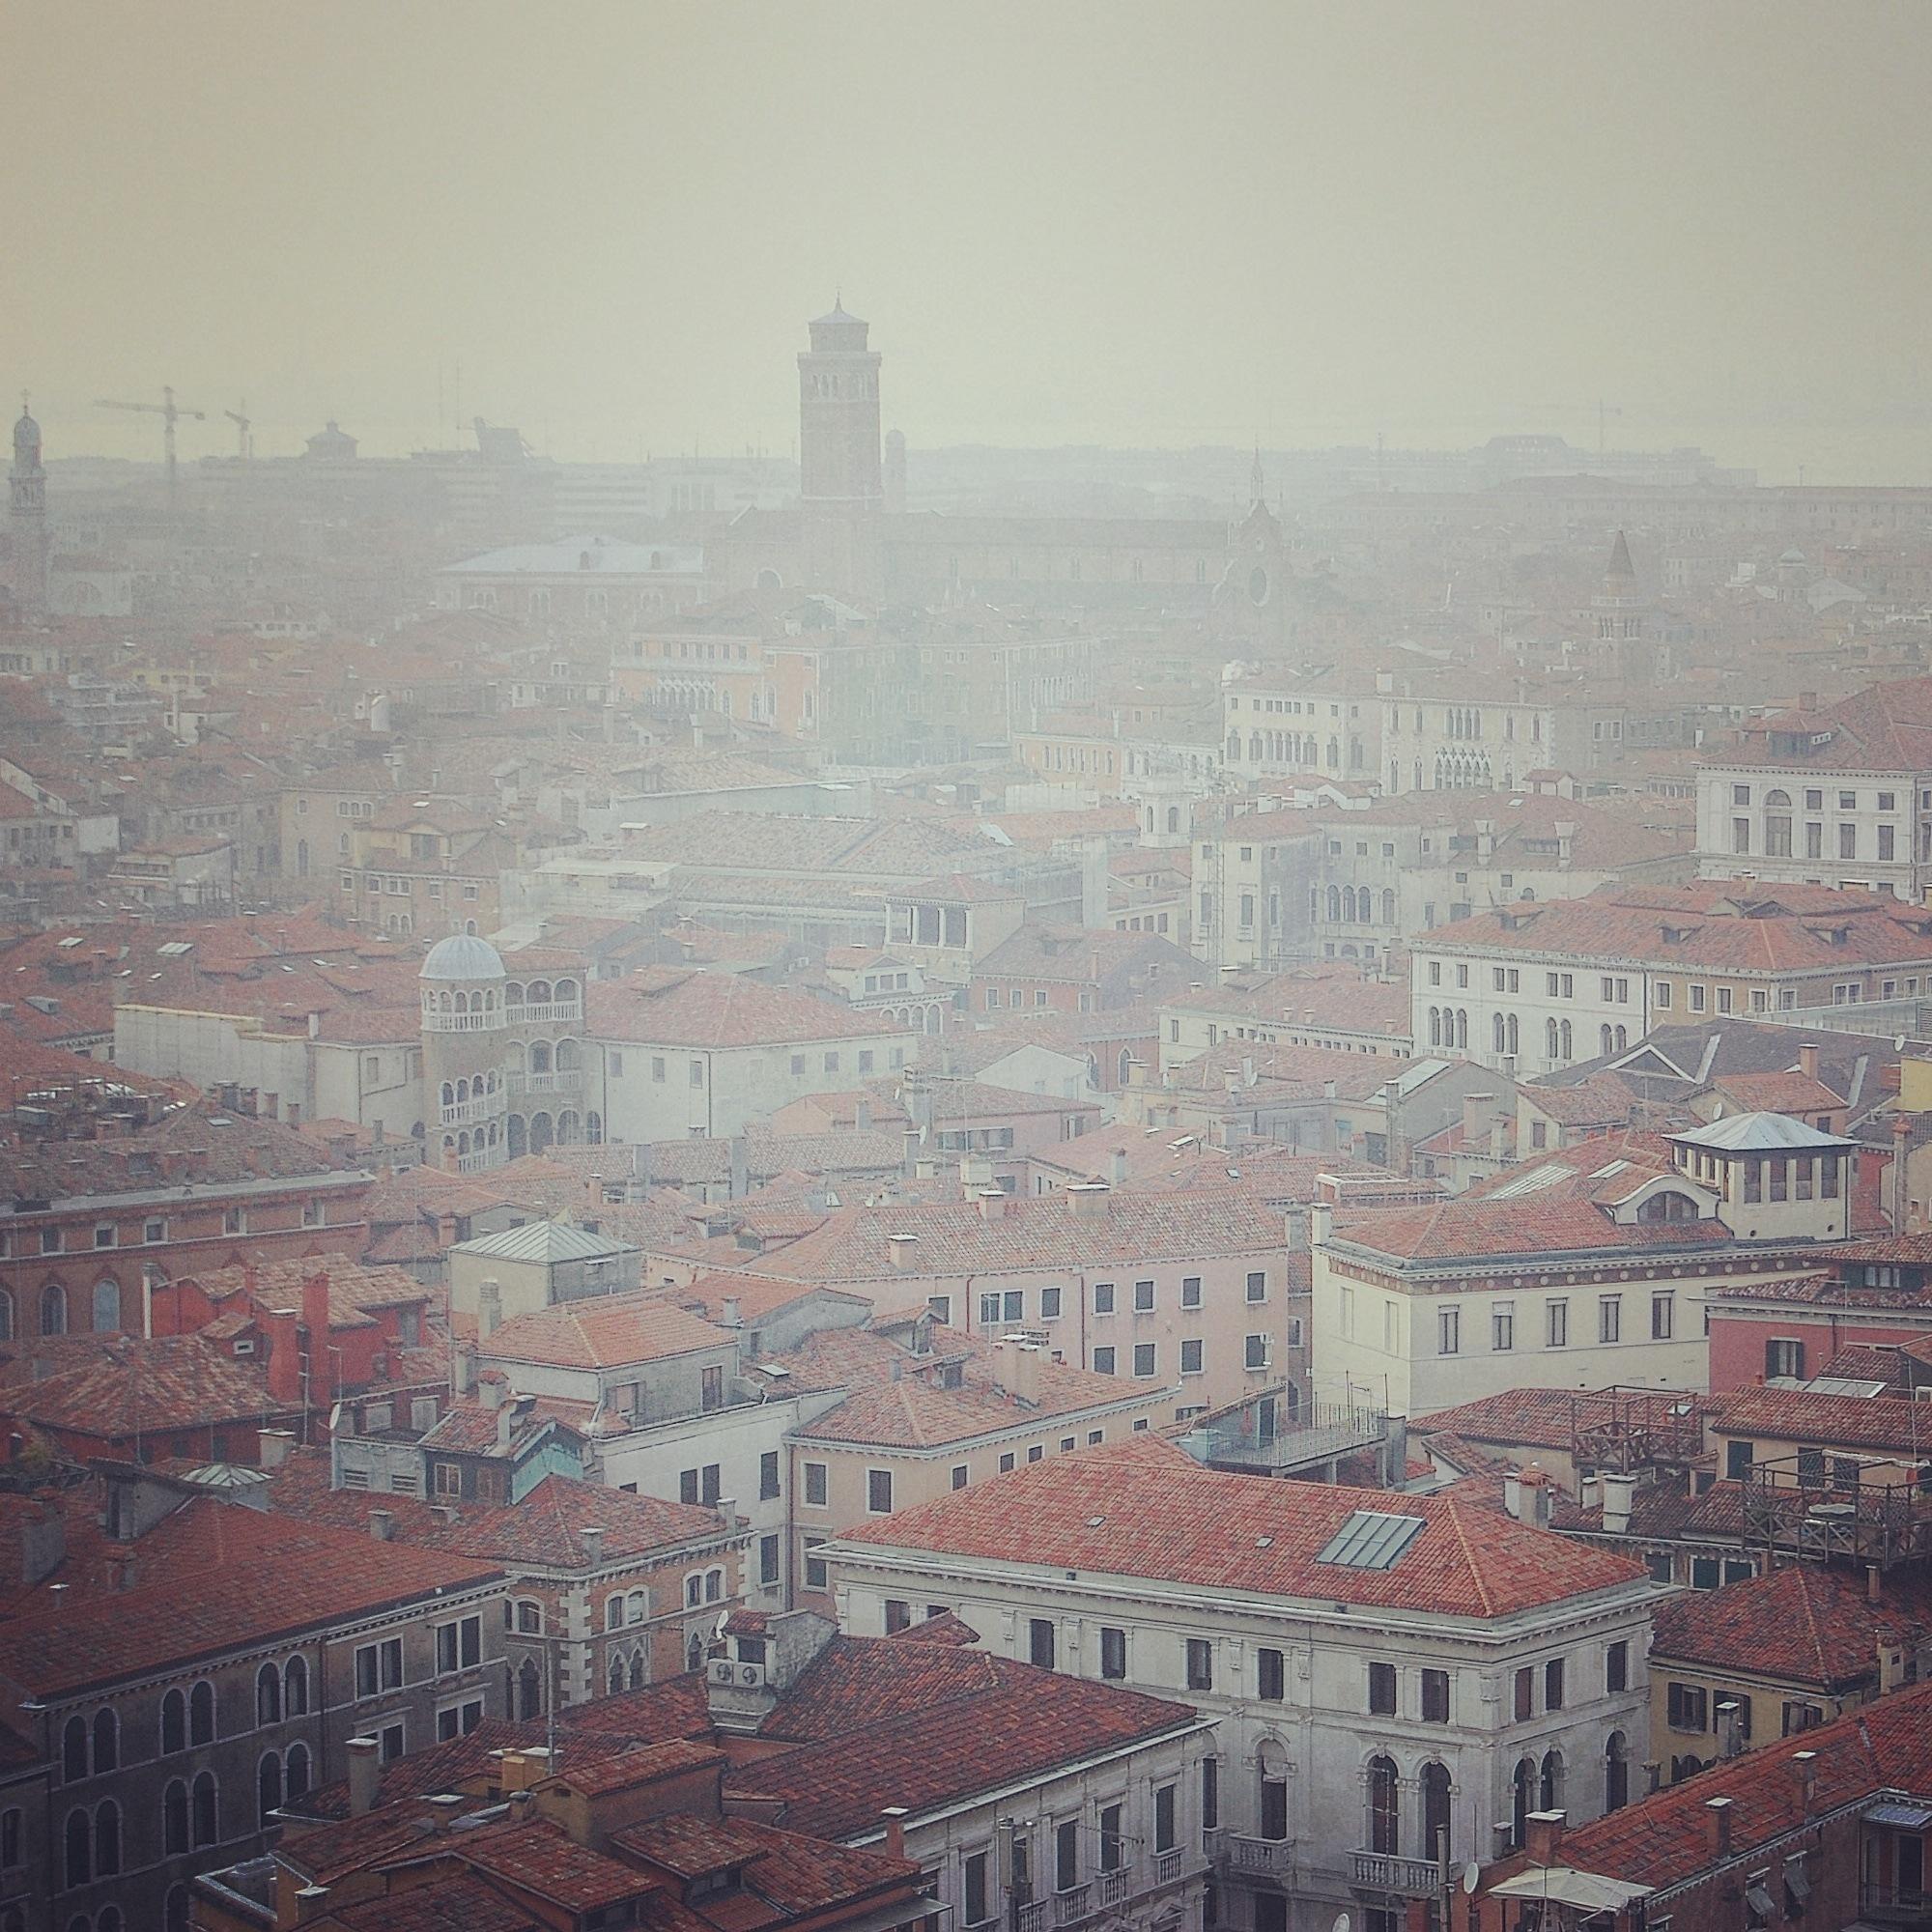 Venice in foggy morning  by dimcelozanoski